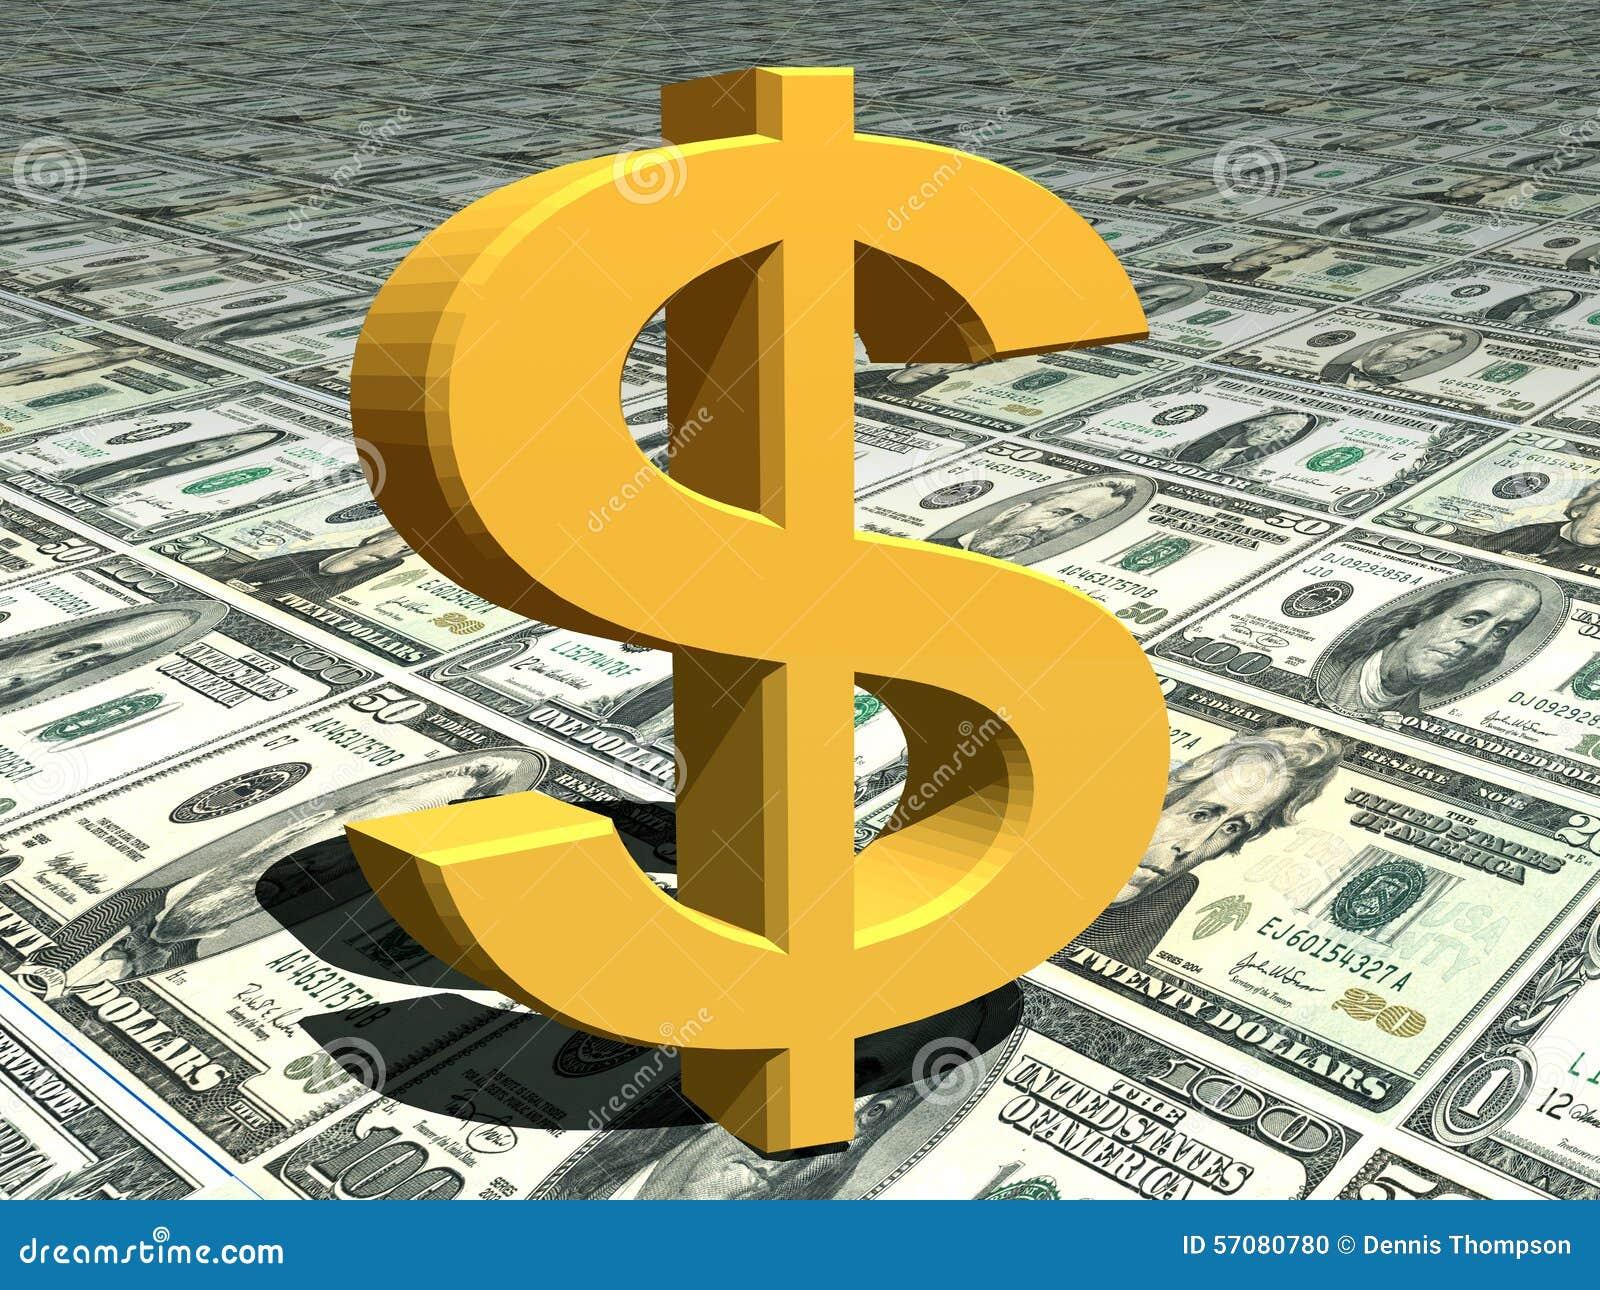 MONEY FINANCIAL PLANNING WEALTH MANAGEMENT RETIREMENT FUND